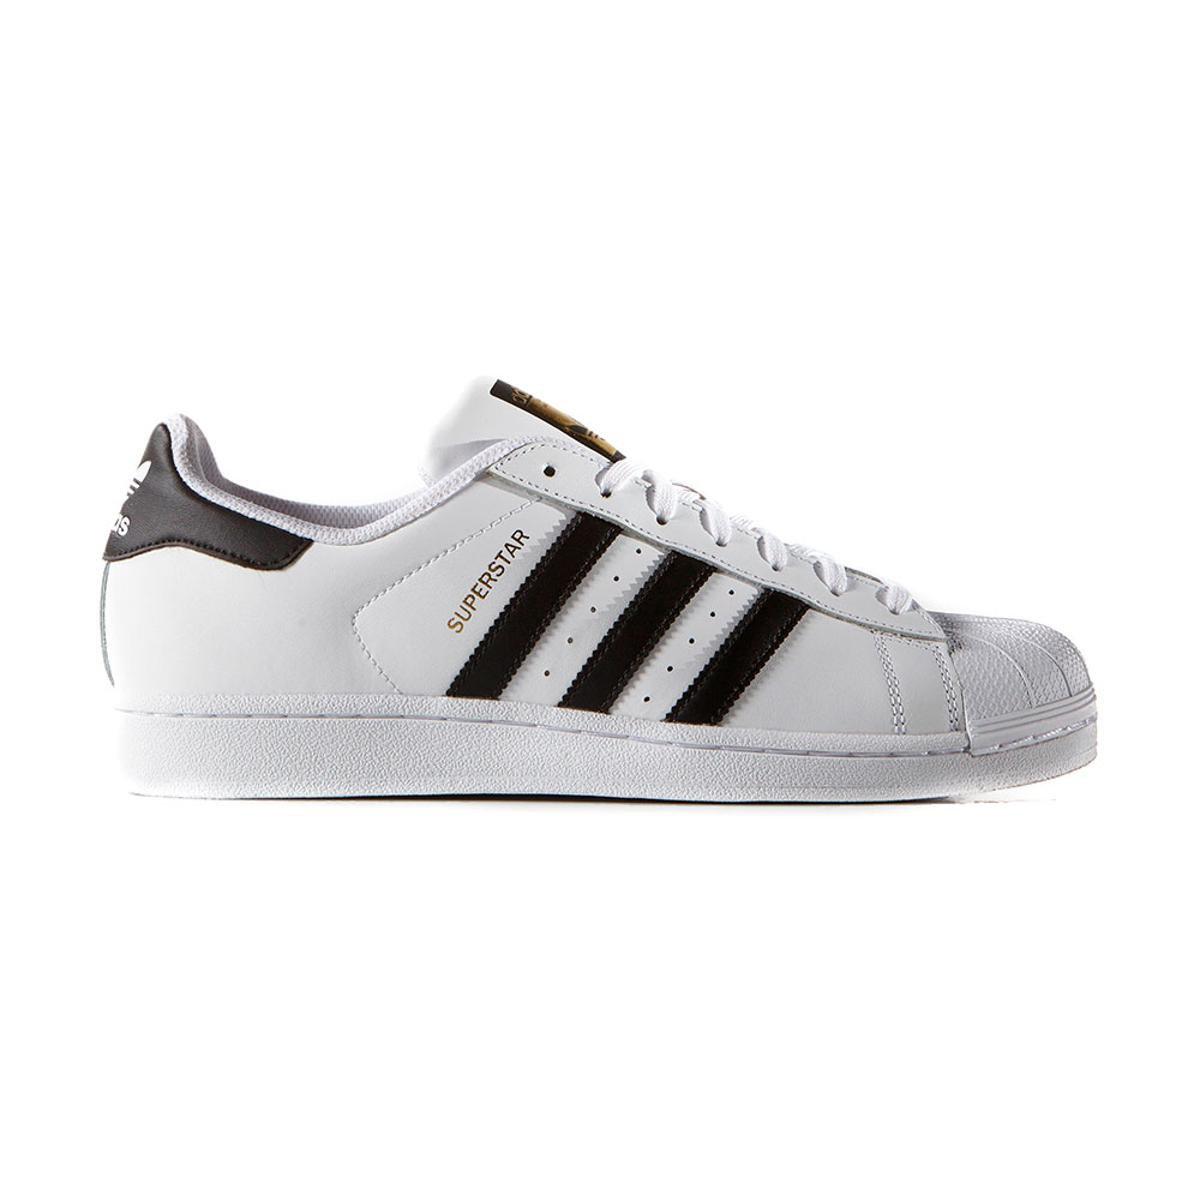 2af29ad8af Tênis Adidas Superstar Foundation - Compre Agora